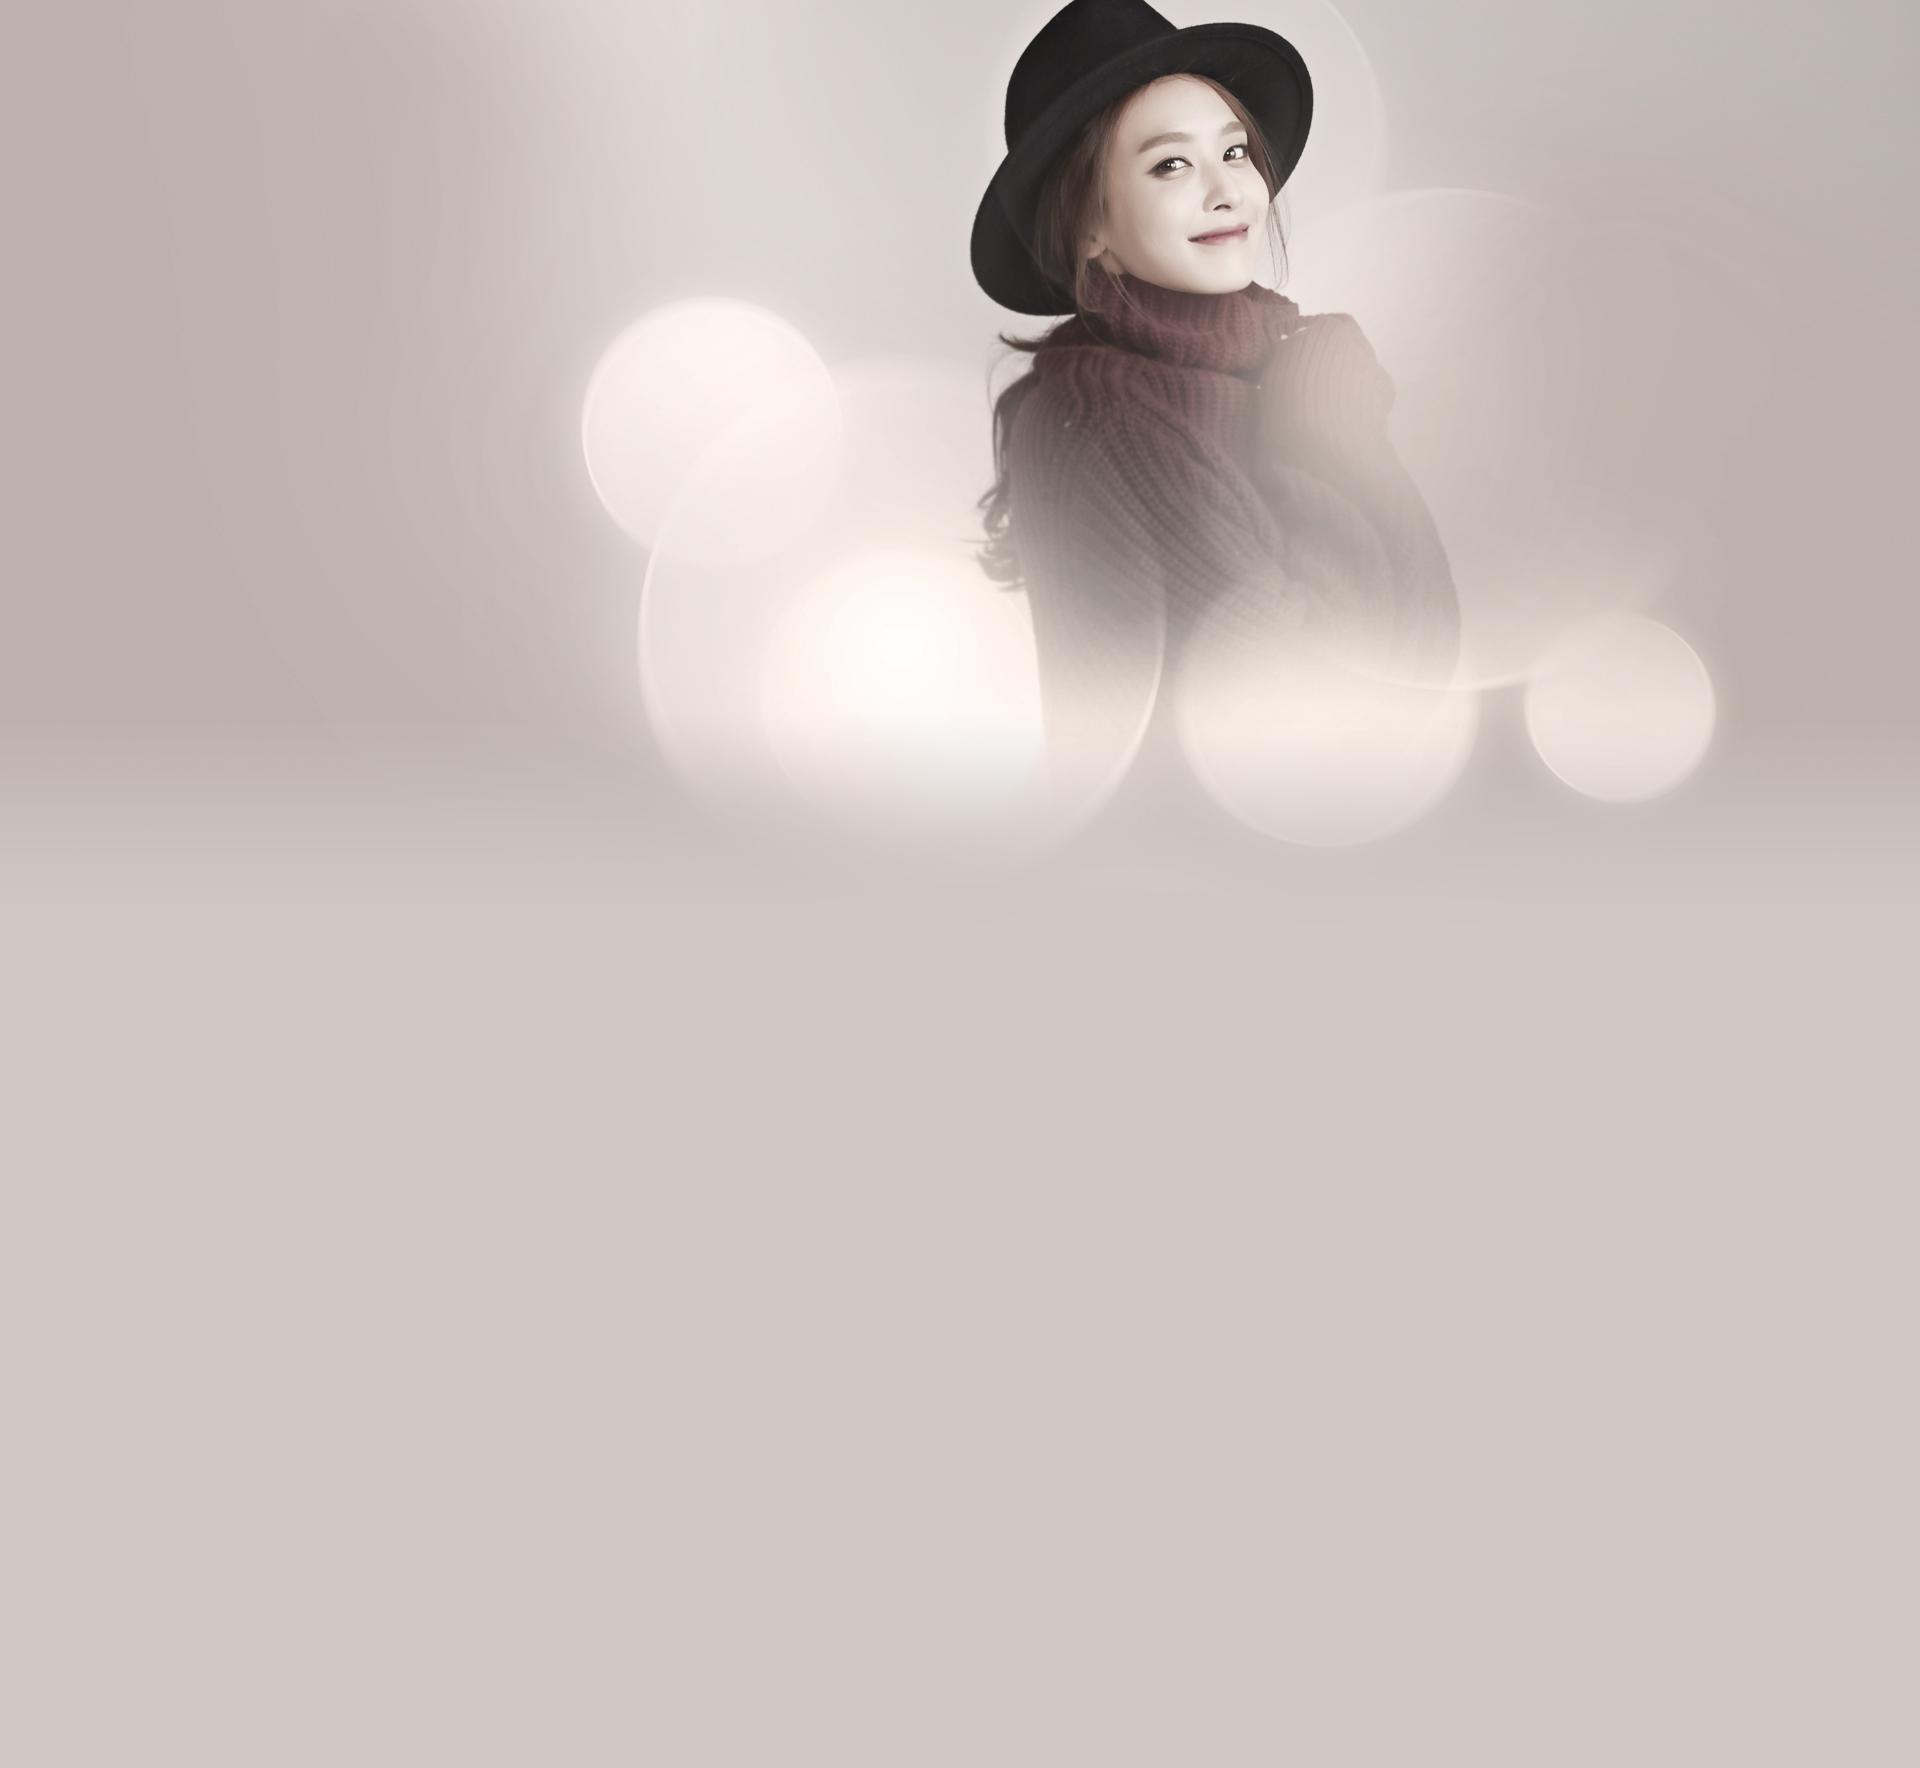 박정아 두번째 이미지